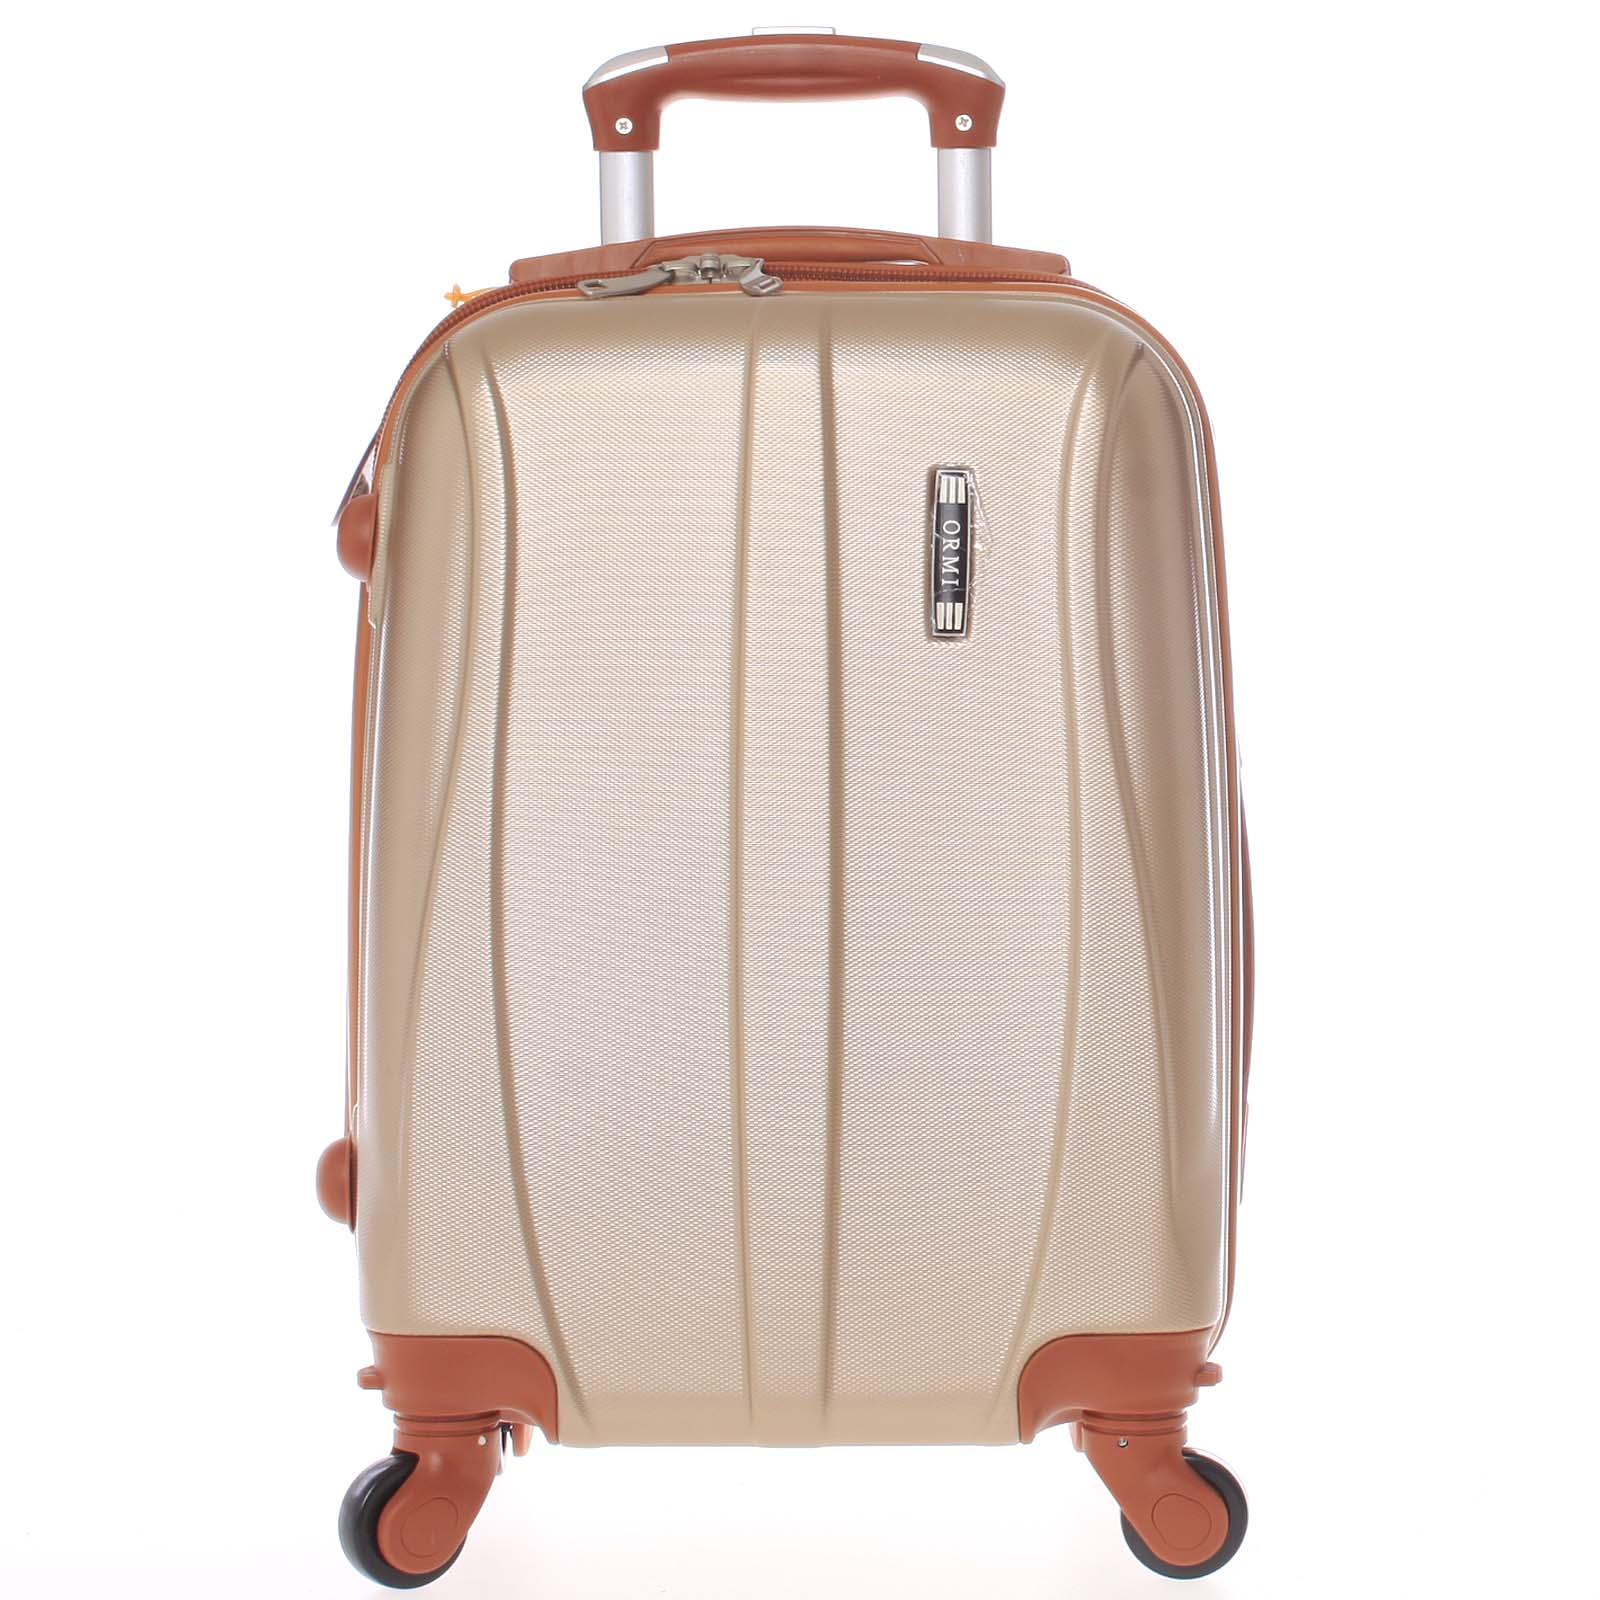 Pevný zlatý palubní cestovní kufr - Ormi Othelo XS